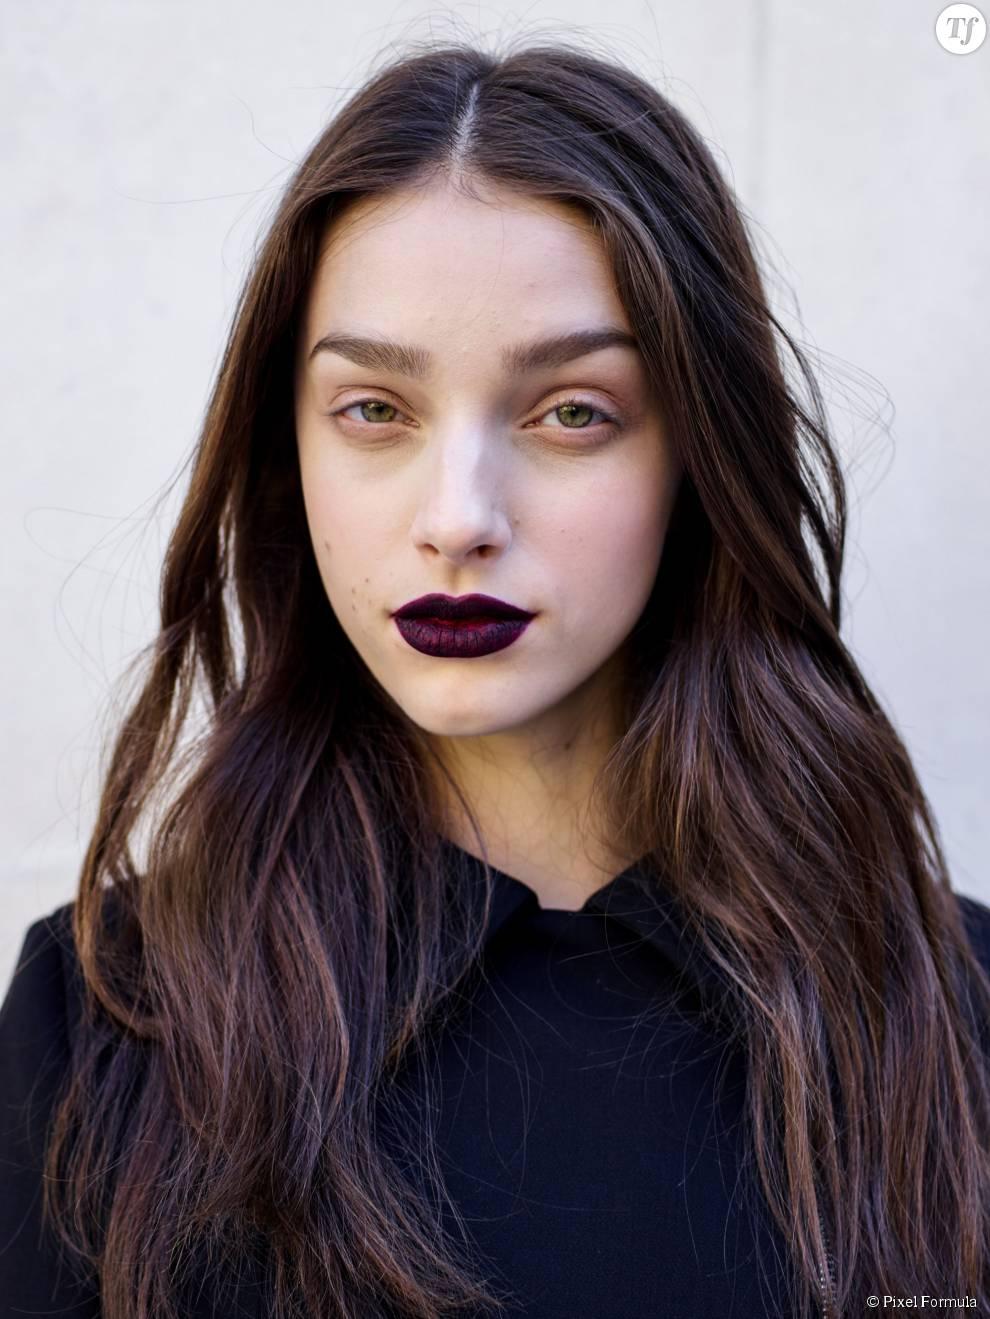 Maquillage : rouge à lèvres dark au défilé Ungaro automne-hiver 2015-2016.